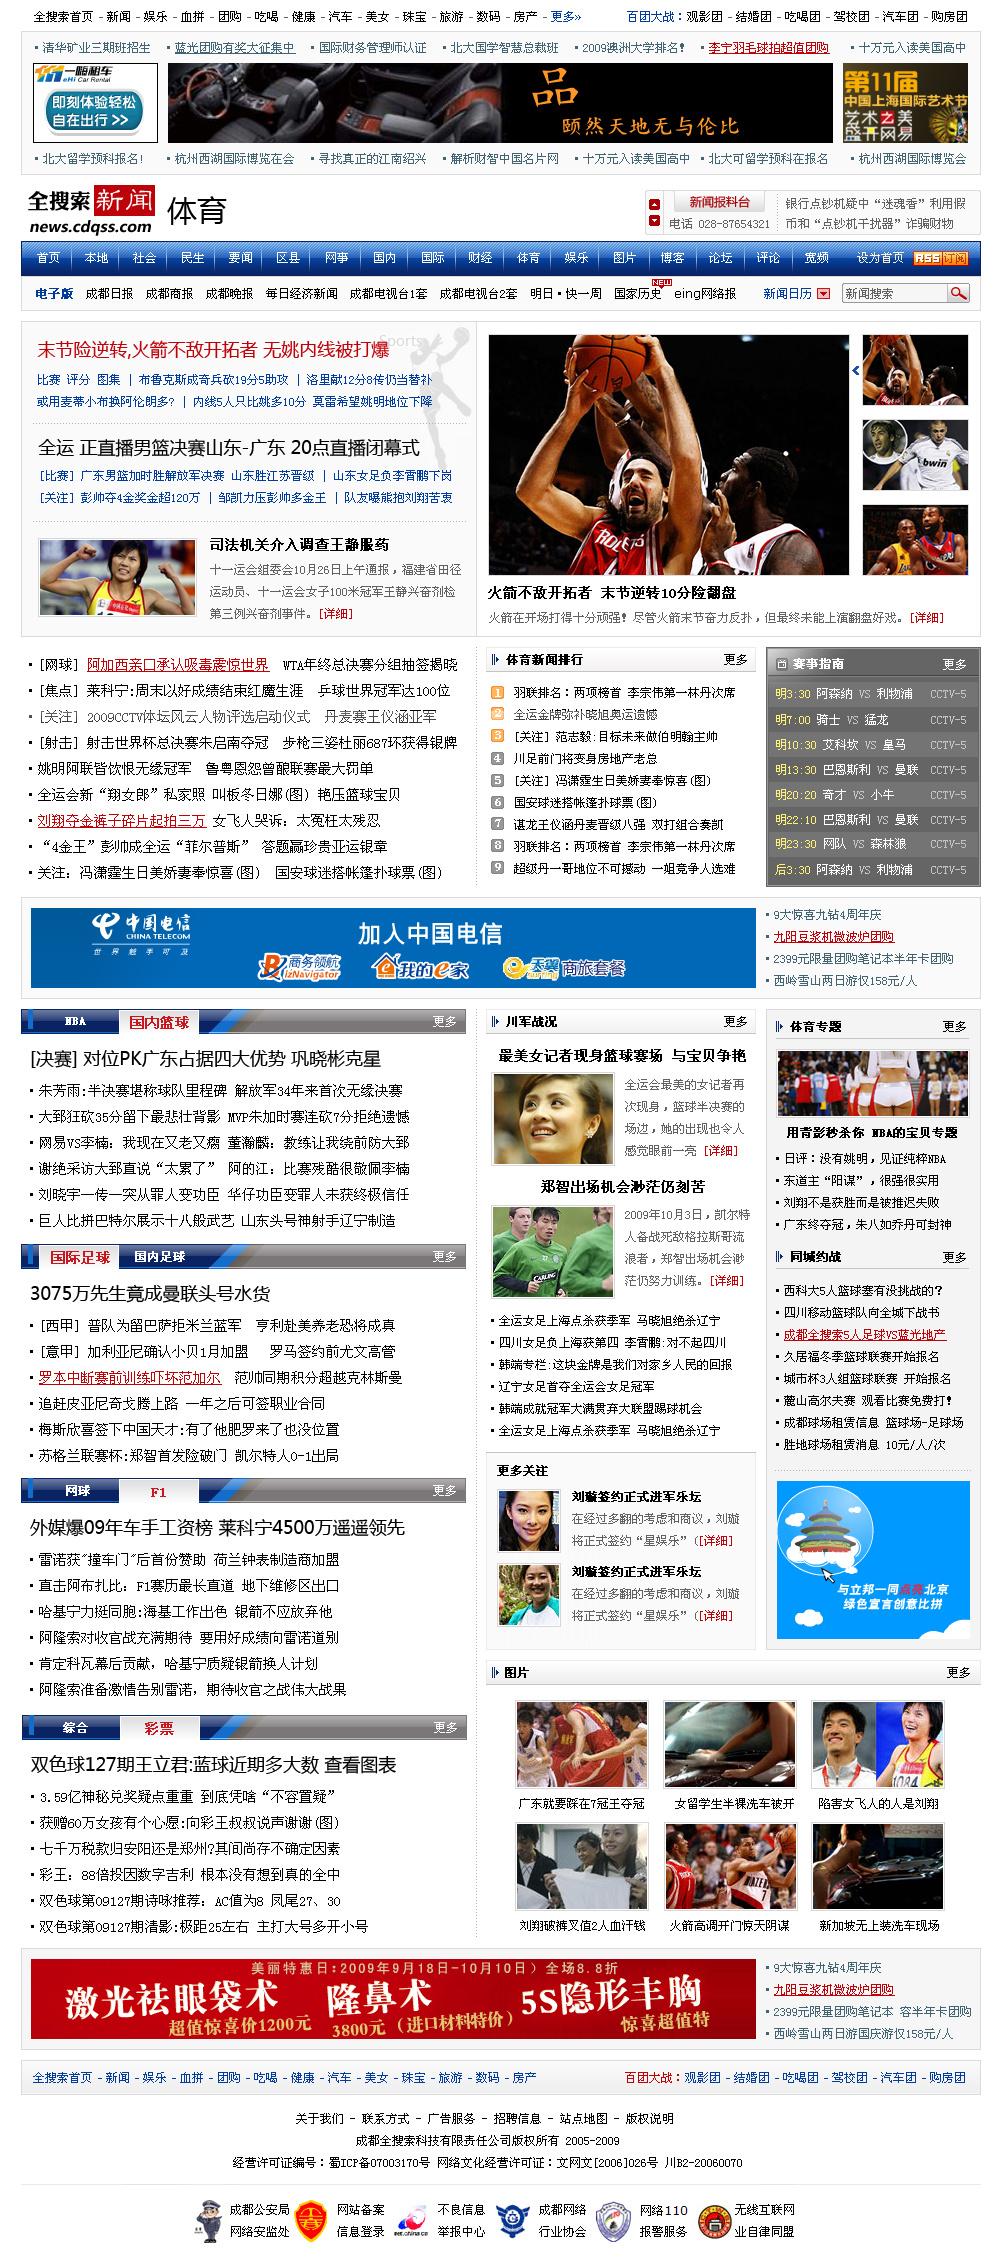 wwwssxxkcd_成都全搜索网站 www.cdqss.com